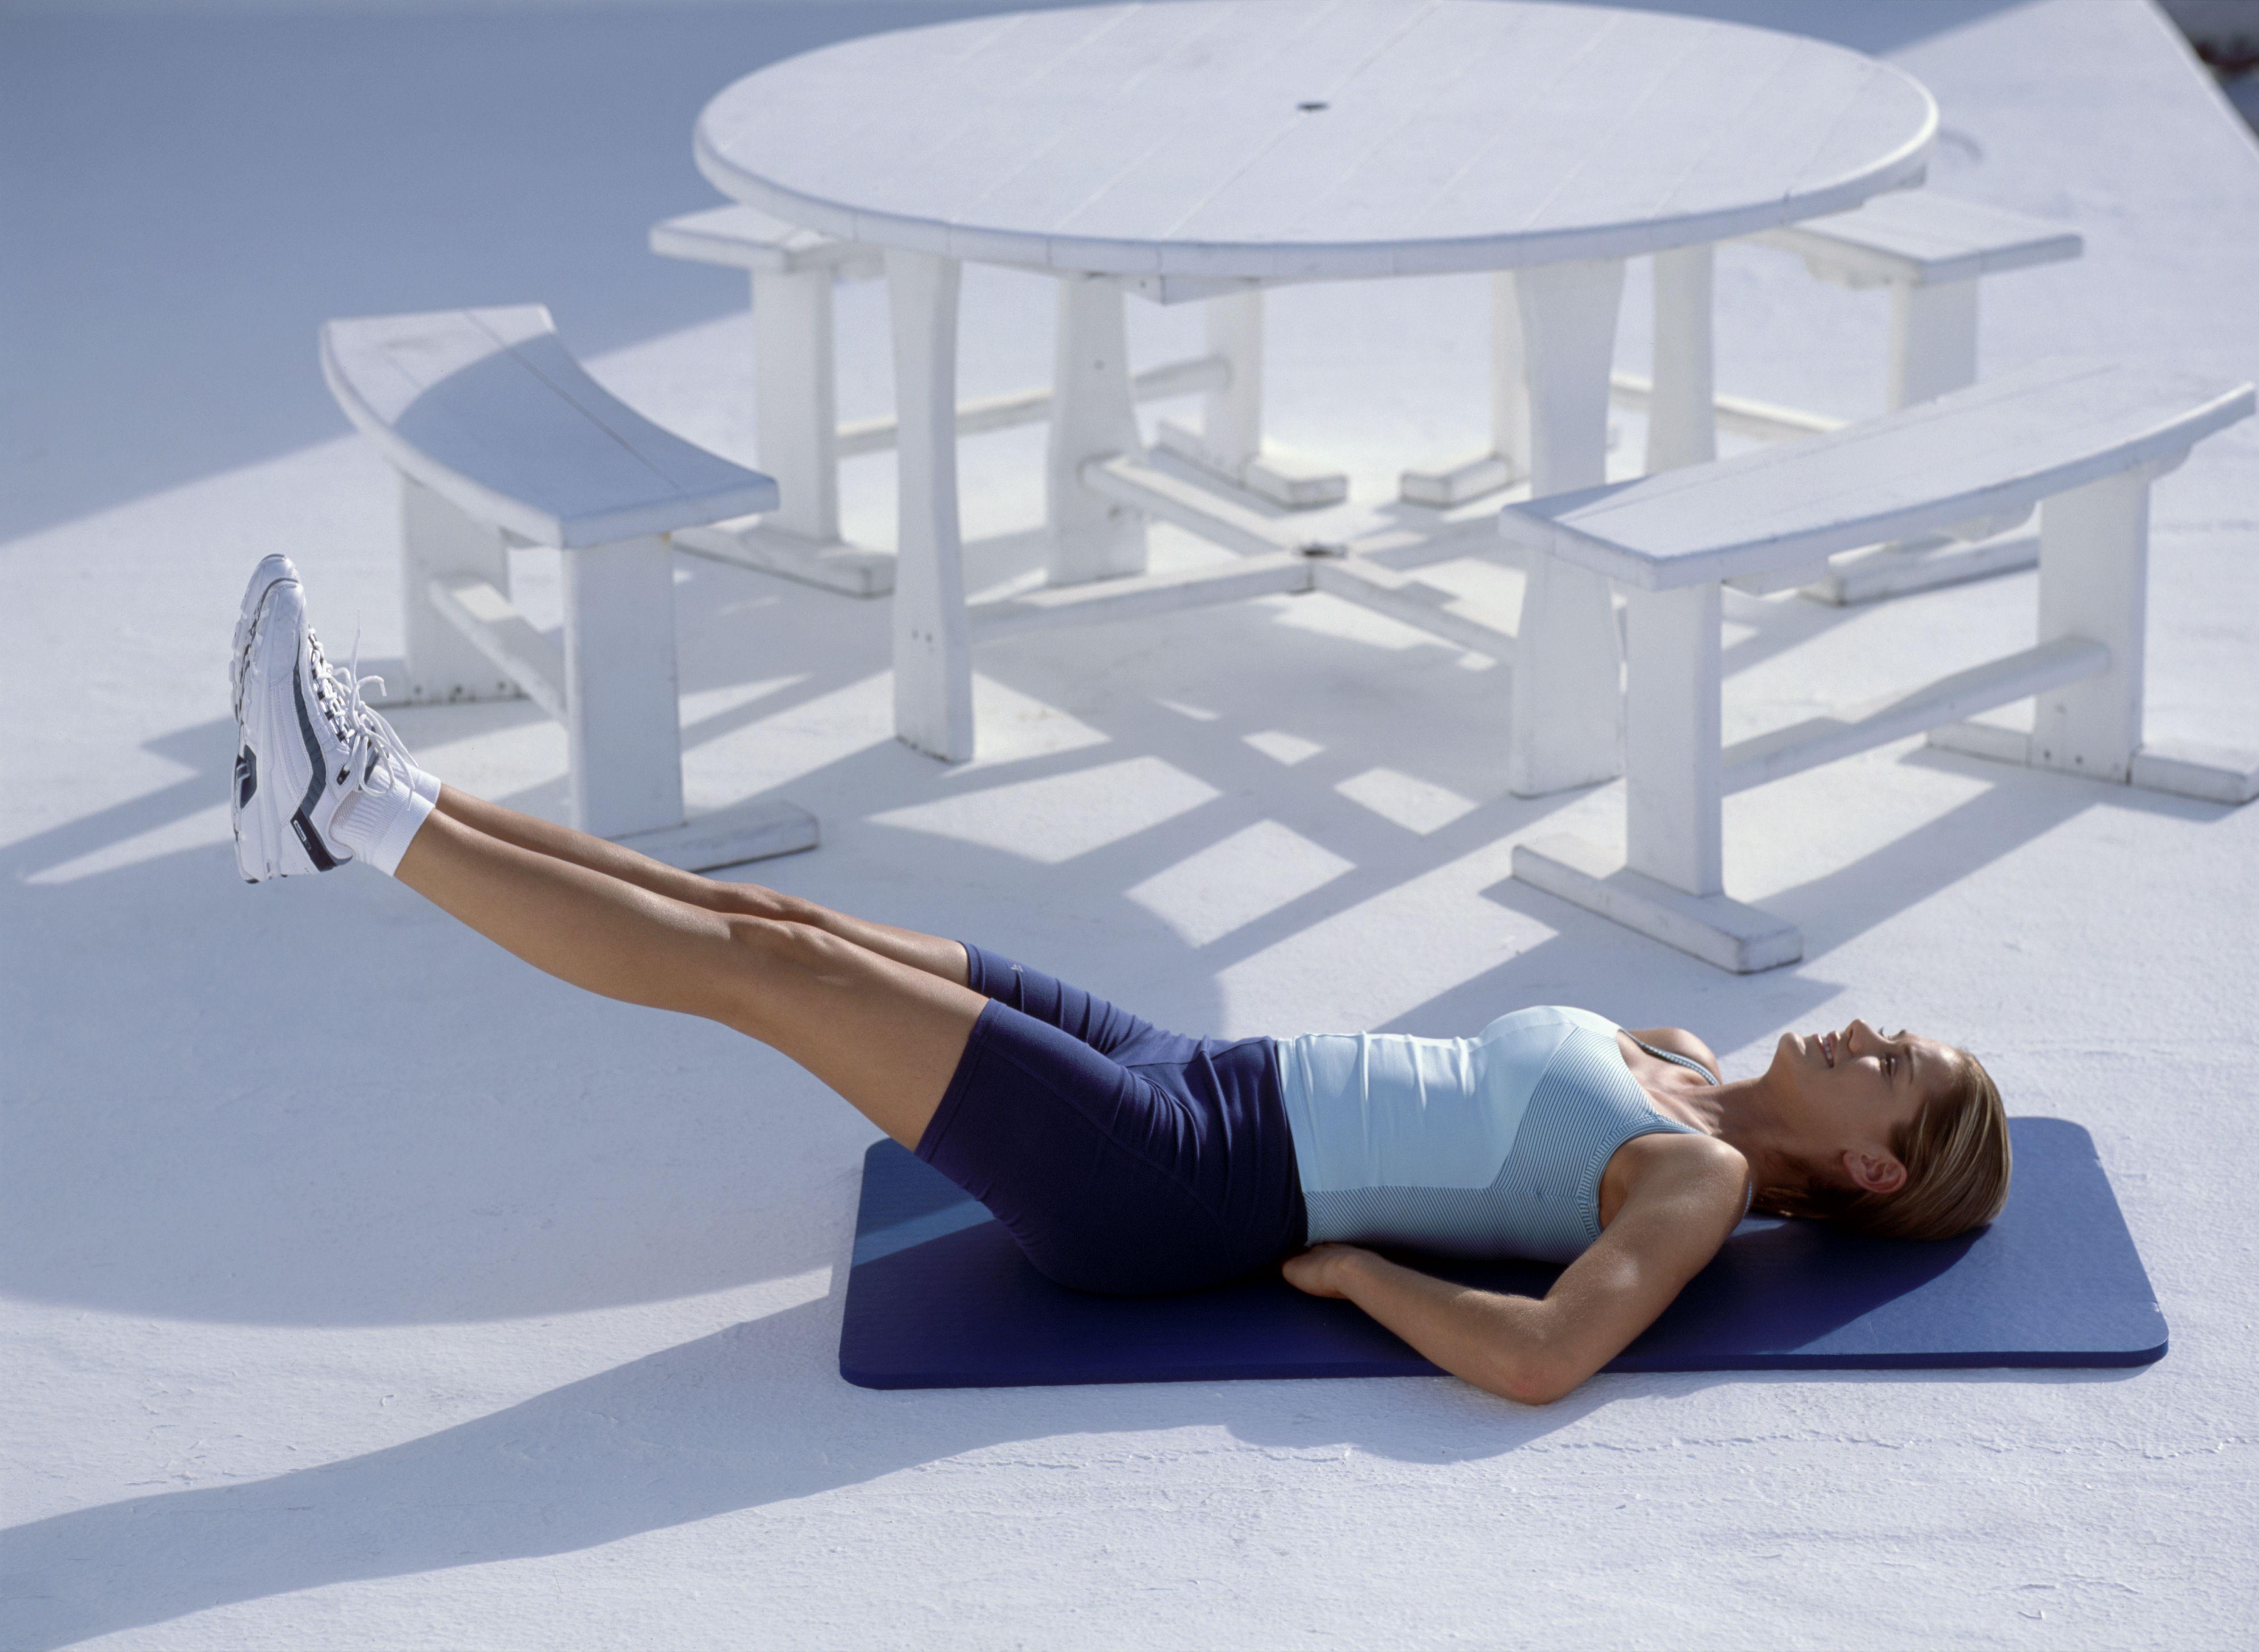 Mujer haciendo ejercicio de yoga, acostada sobre su espalda, piernas levantadas en el aire